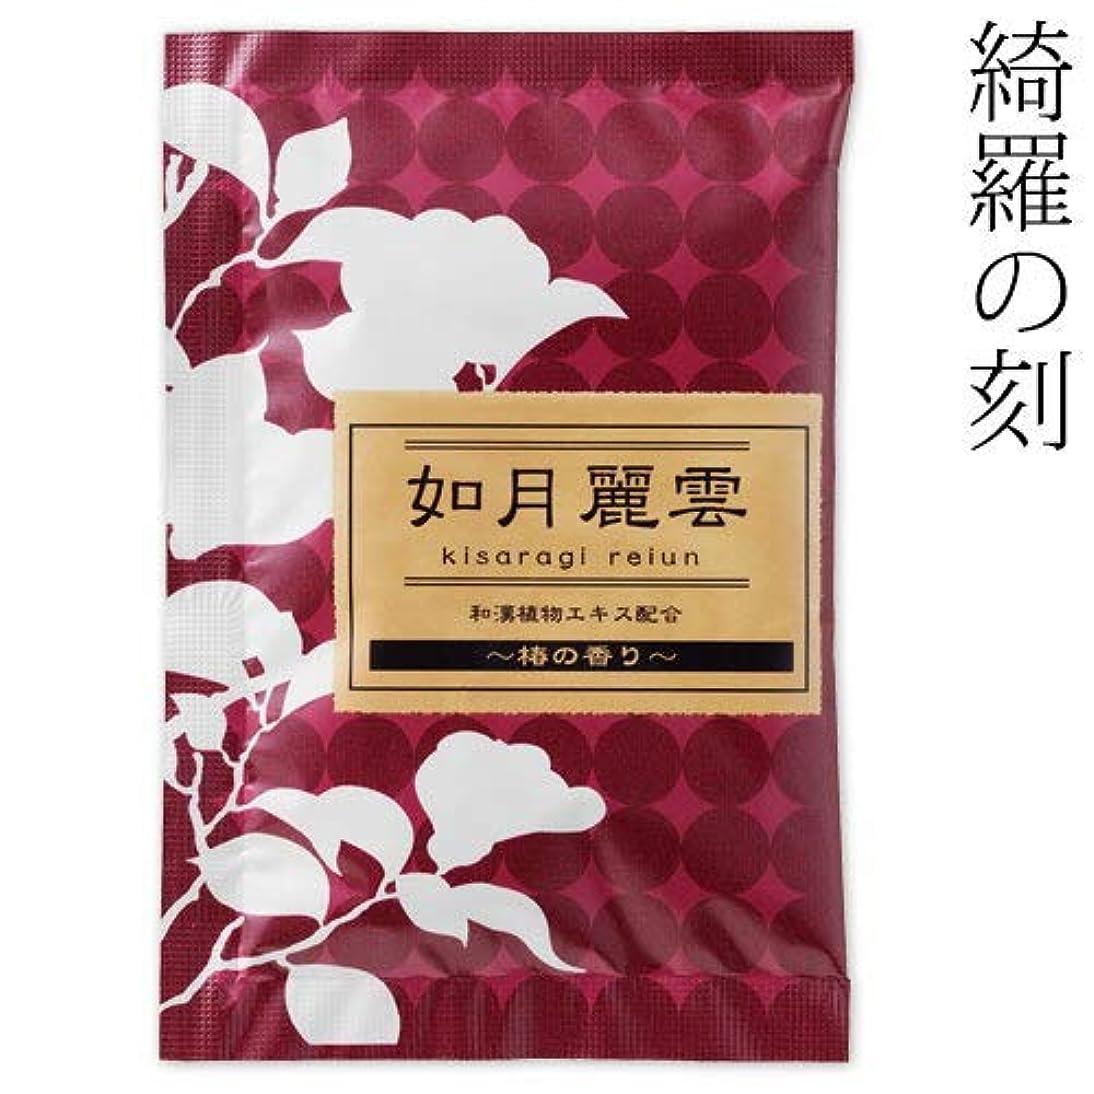 海外電話する担保入浴剤綺羅の刻椿の香り如月麗雲1包石川県のお風呂グッズBath additive, Ishikawa craft